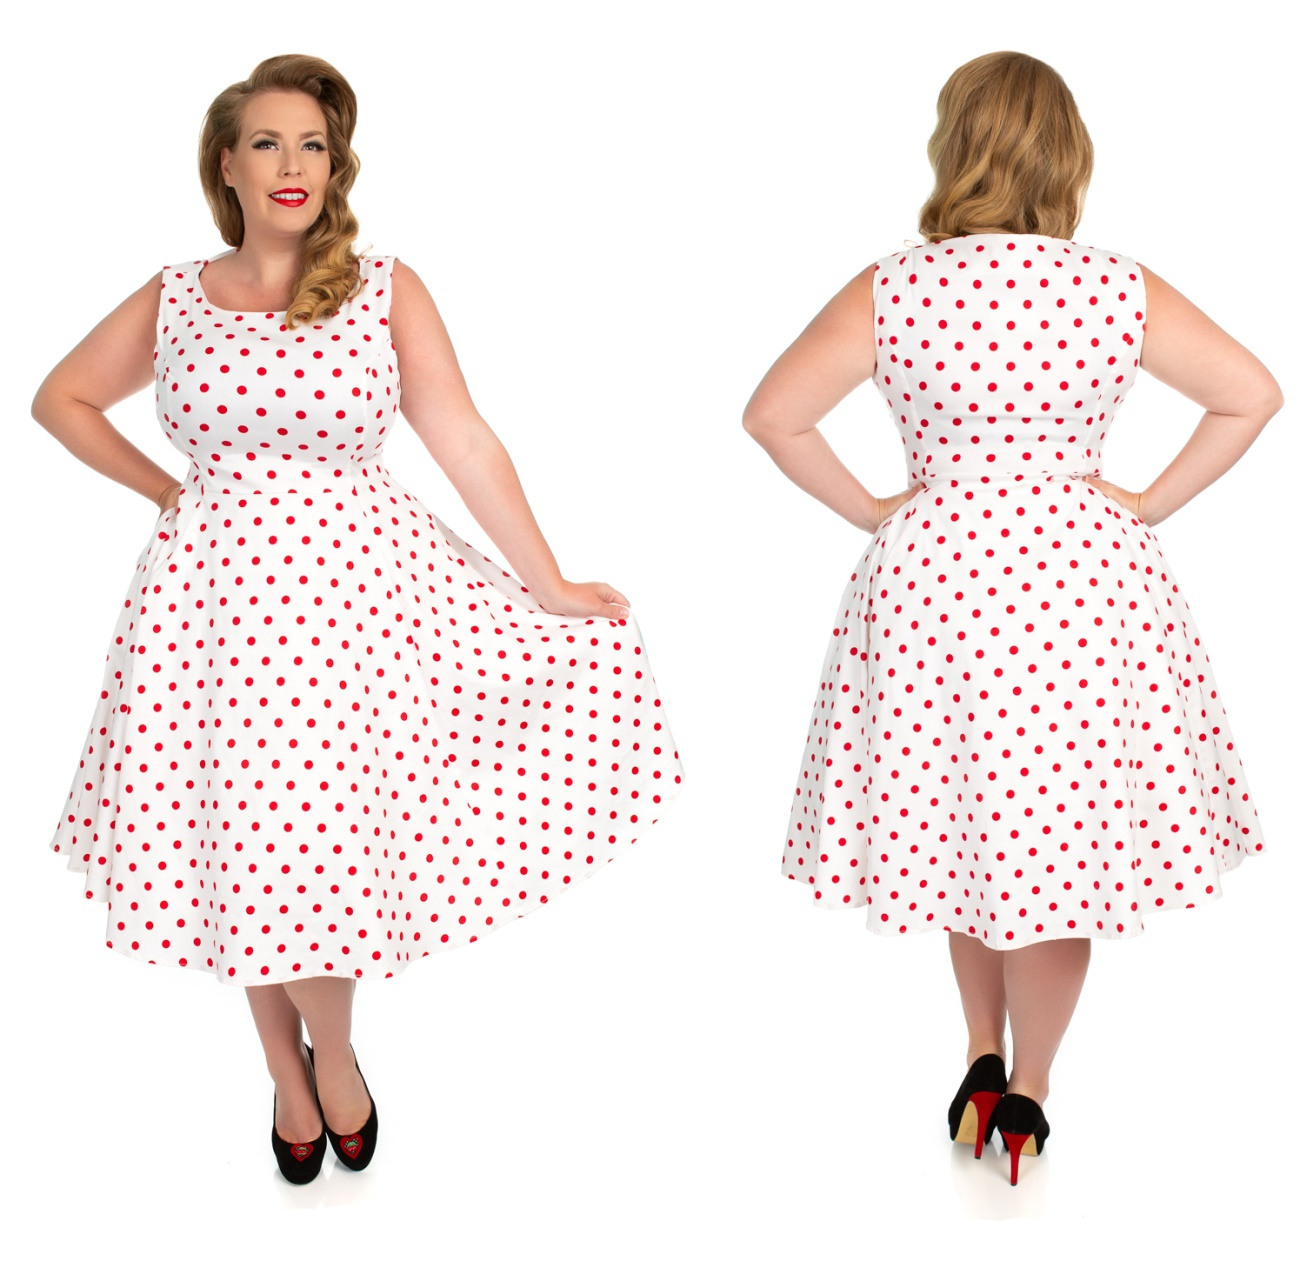 20 Großartig Kleid Mit Punkten Ärmel10 Schön Kleid Mit Punkten Galerie